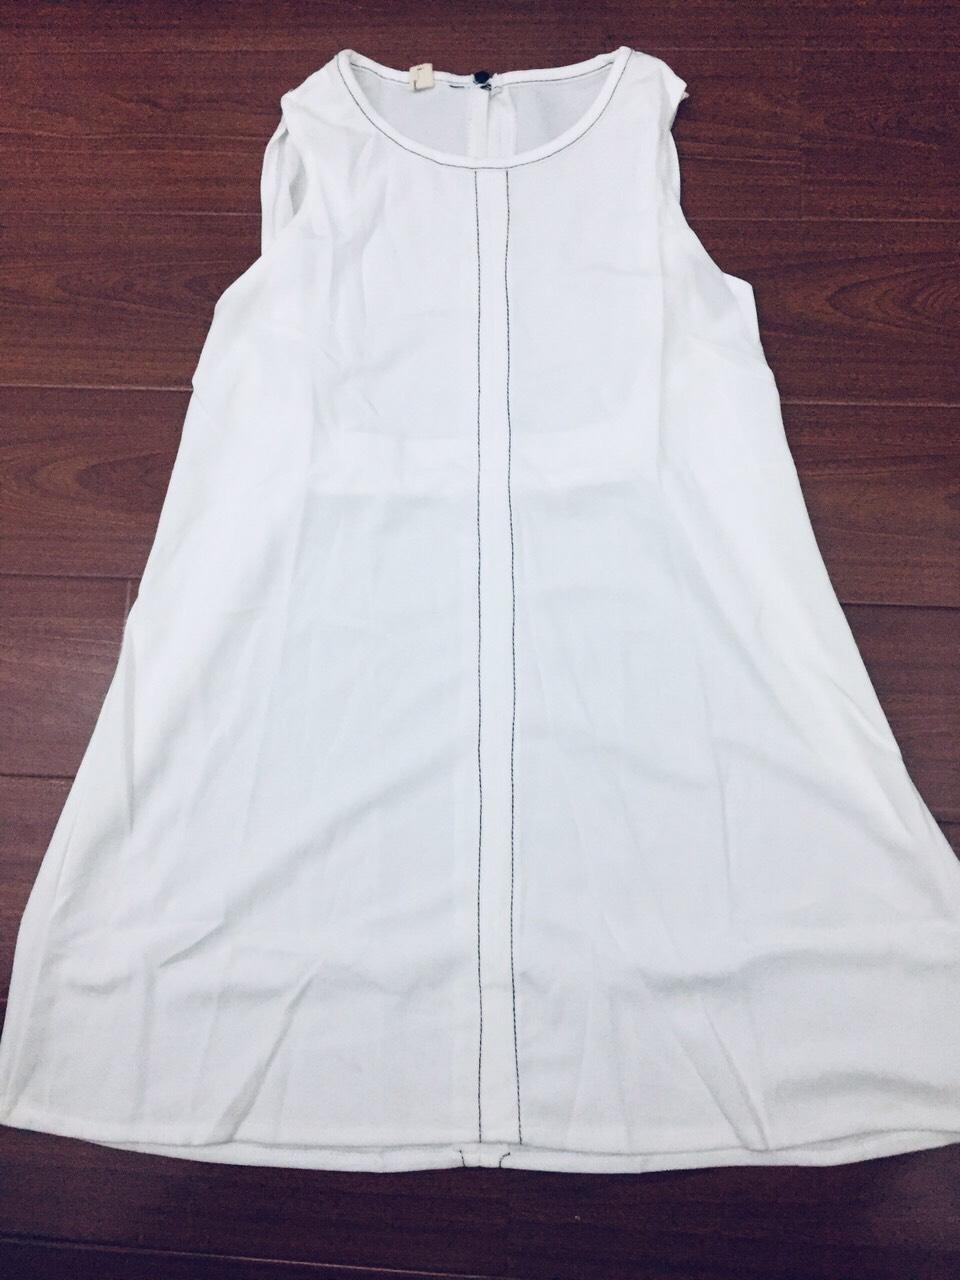 Váy suông 6-7t.jpg